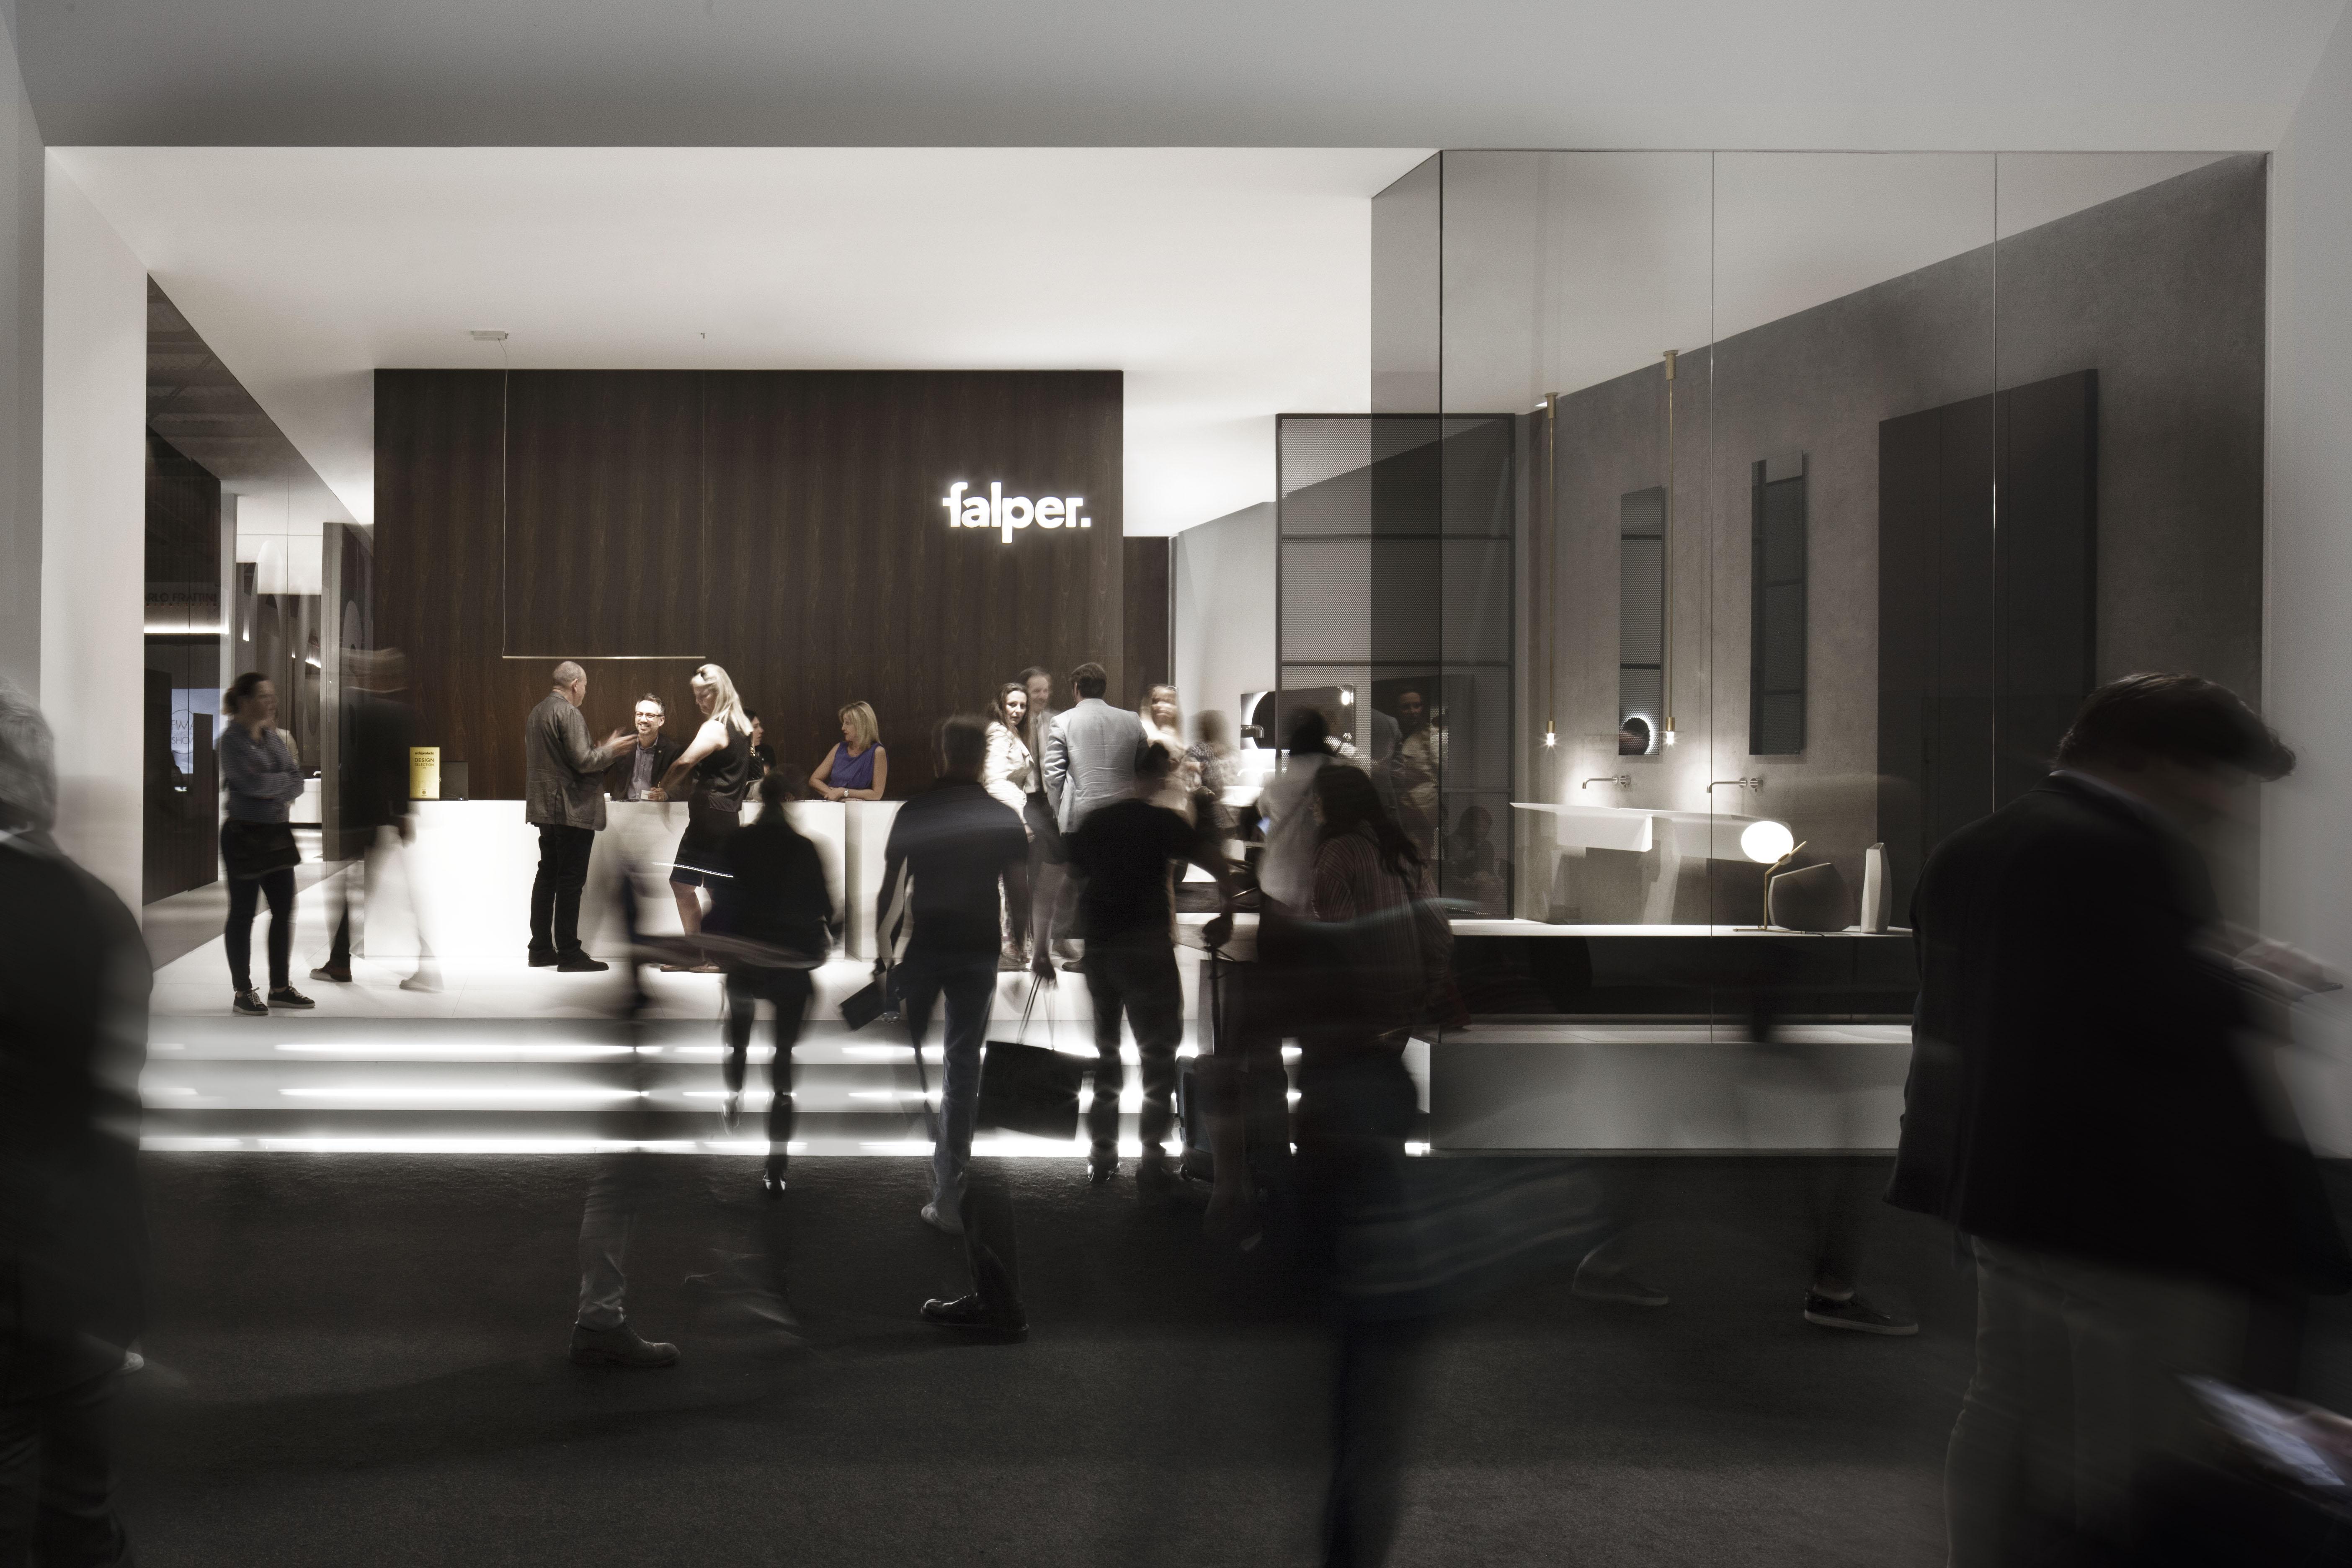 Salone del mobile 2018 falper for Salone veneto del mobile